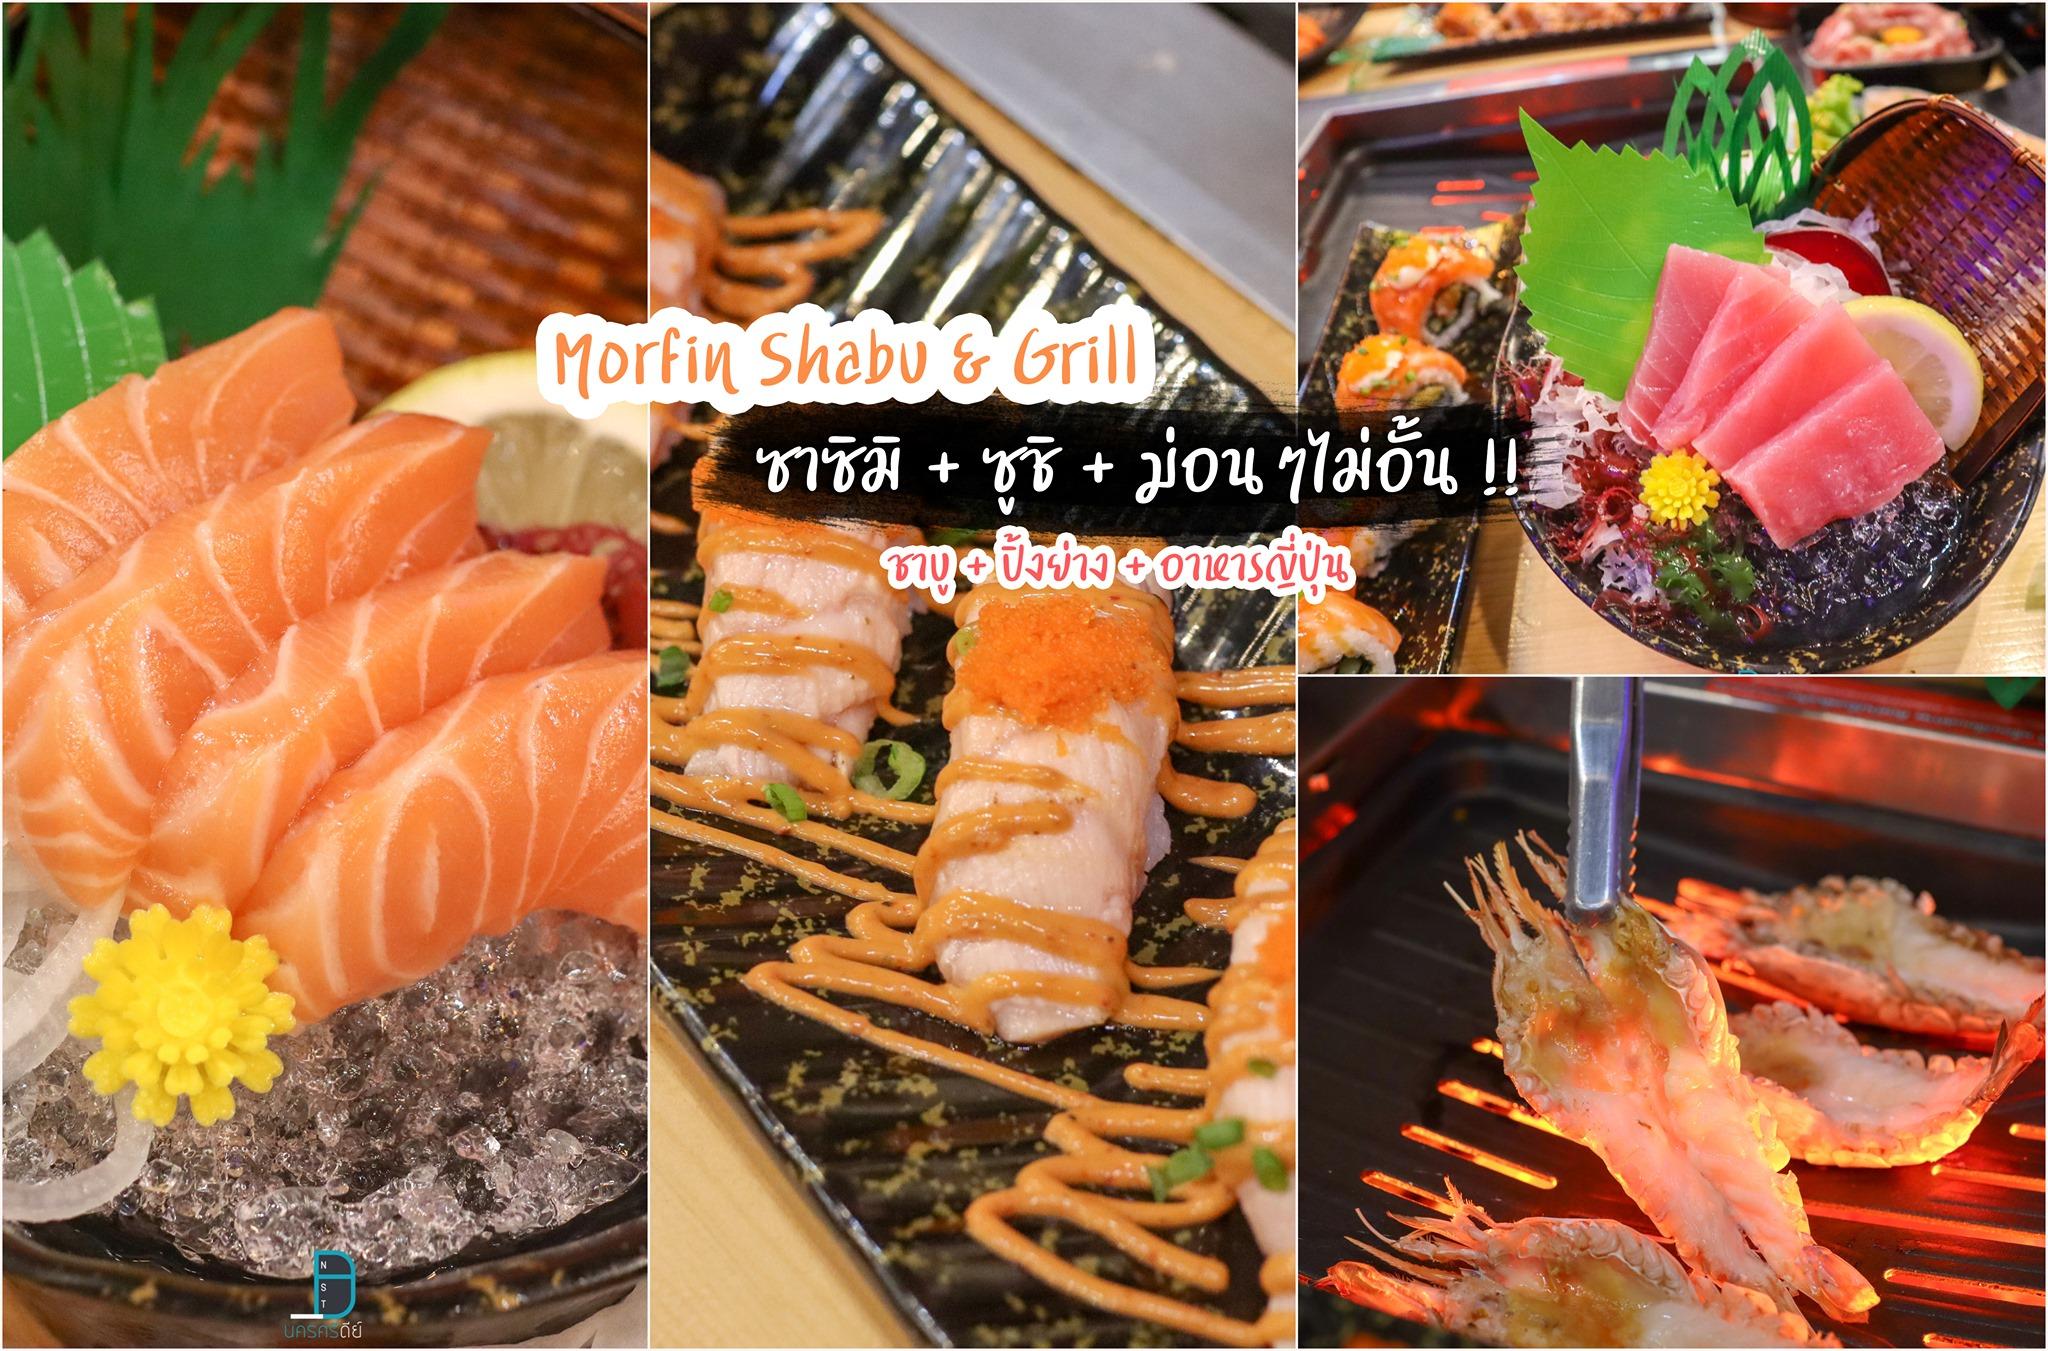 บุฟเฟ่ต์ซาซิมิ ชาบู ปิ้งย่าง อาหารญี่ปุ่น ครบทุกอย่าง ในราคาไม่เกิน 500 บาท at มอฟิน ชาบูแอนกริลด์ นครศรีธรรมราช